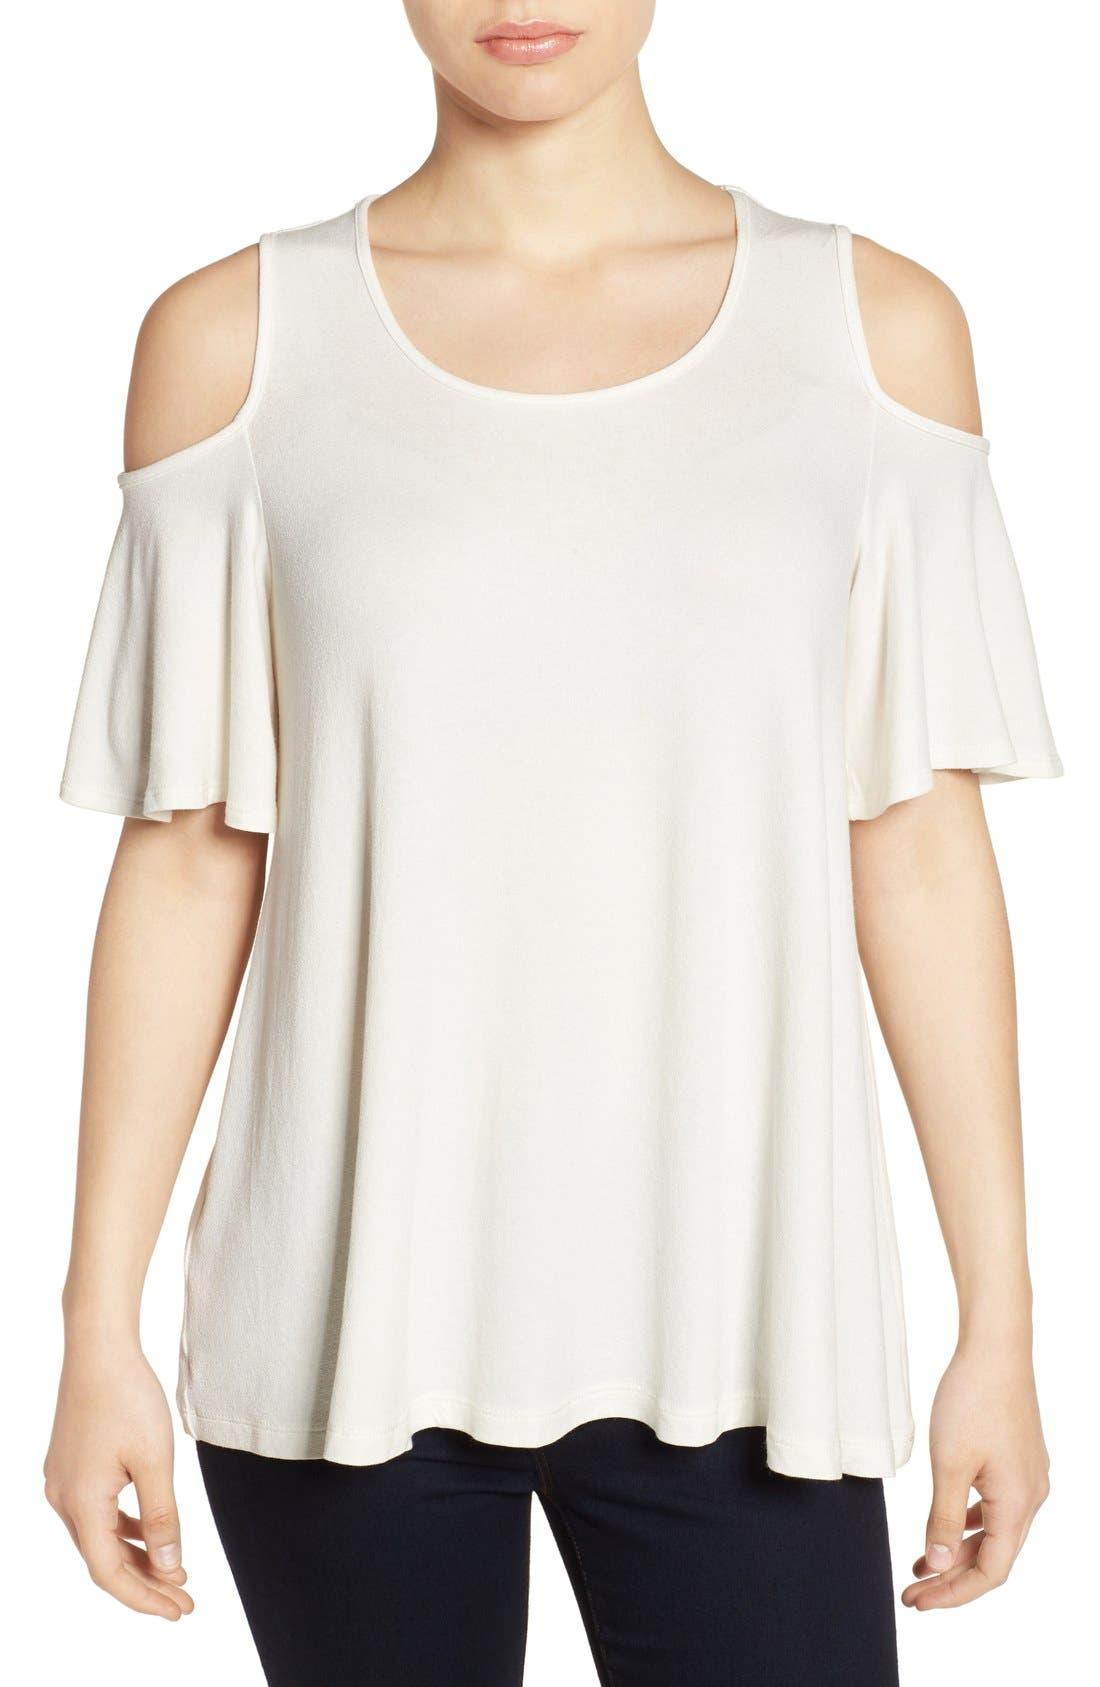 Alternate Image 1 Selected - Bobeau Cold Shoulder Short Sleeve Top